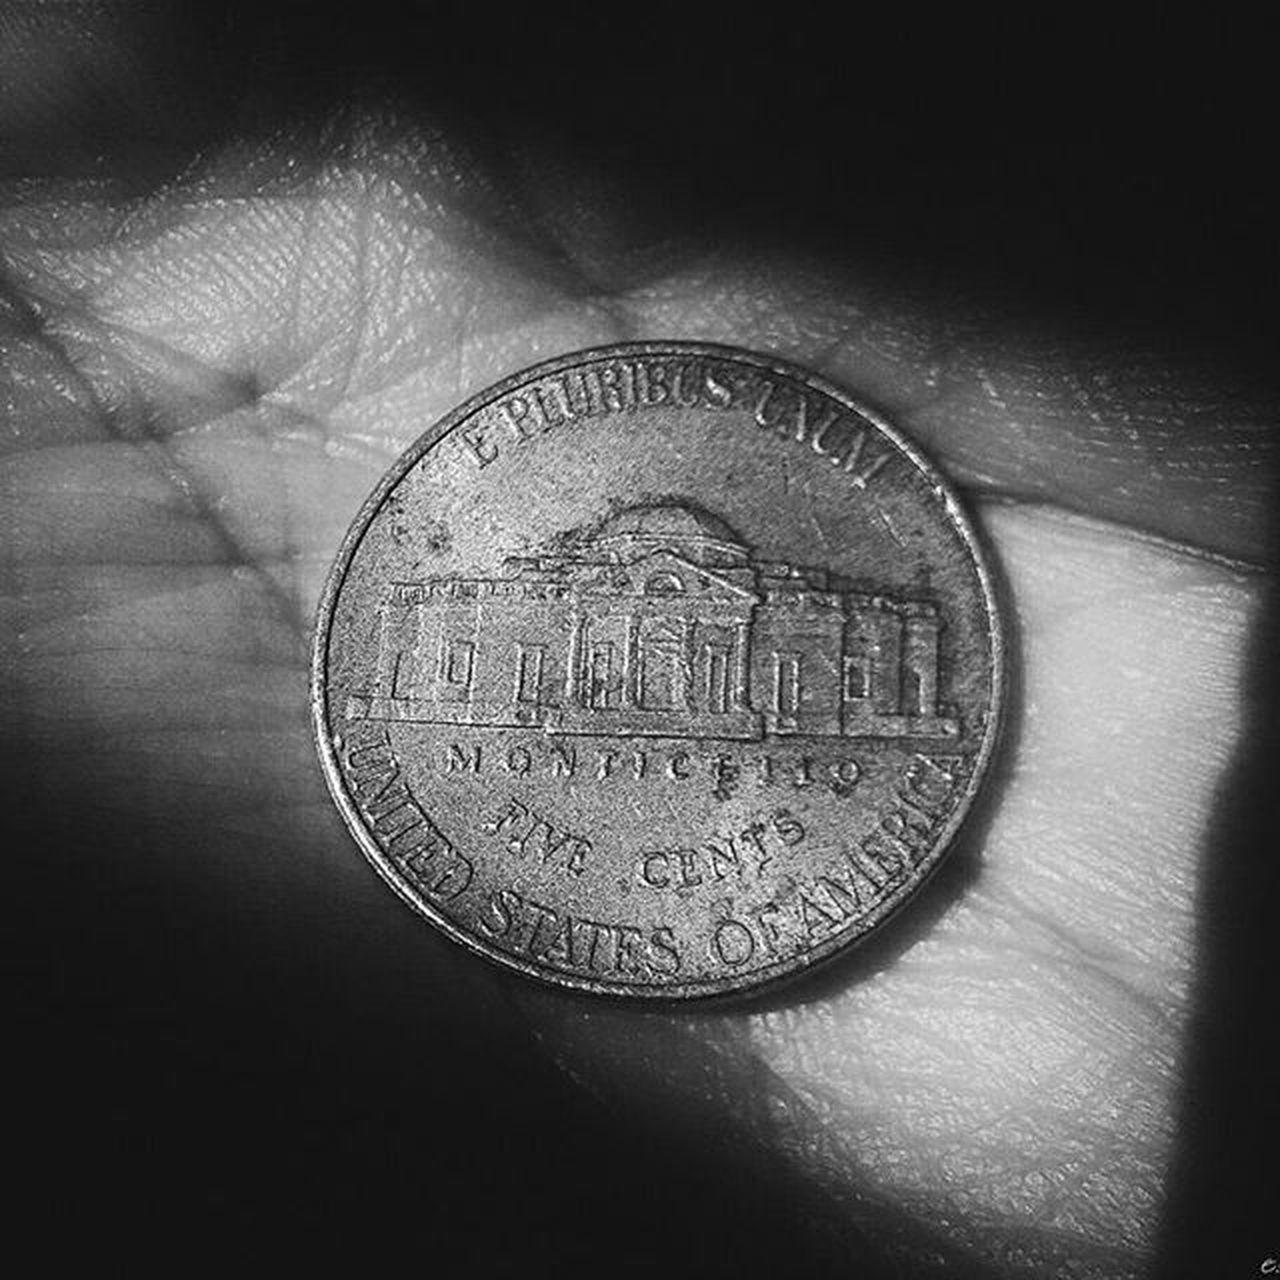 Nickel USA Coin 011 SP City Urban Blackandwhite Achadosdasemana Dotefotografico Thevisualsbrasil Details Cymera Instapicten Dark Focus Vscofotografia_ VSCO VscoBr Vscoamadores_ Vscobandw Vscourban Vscobrasil